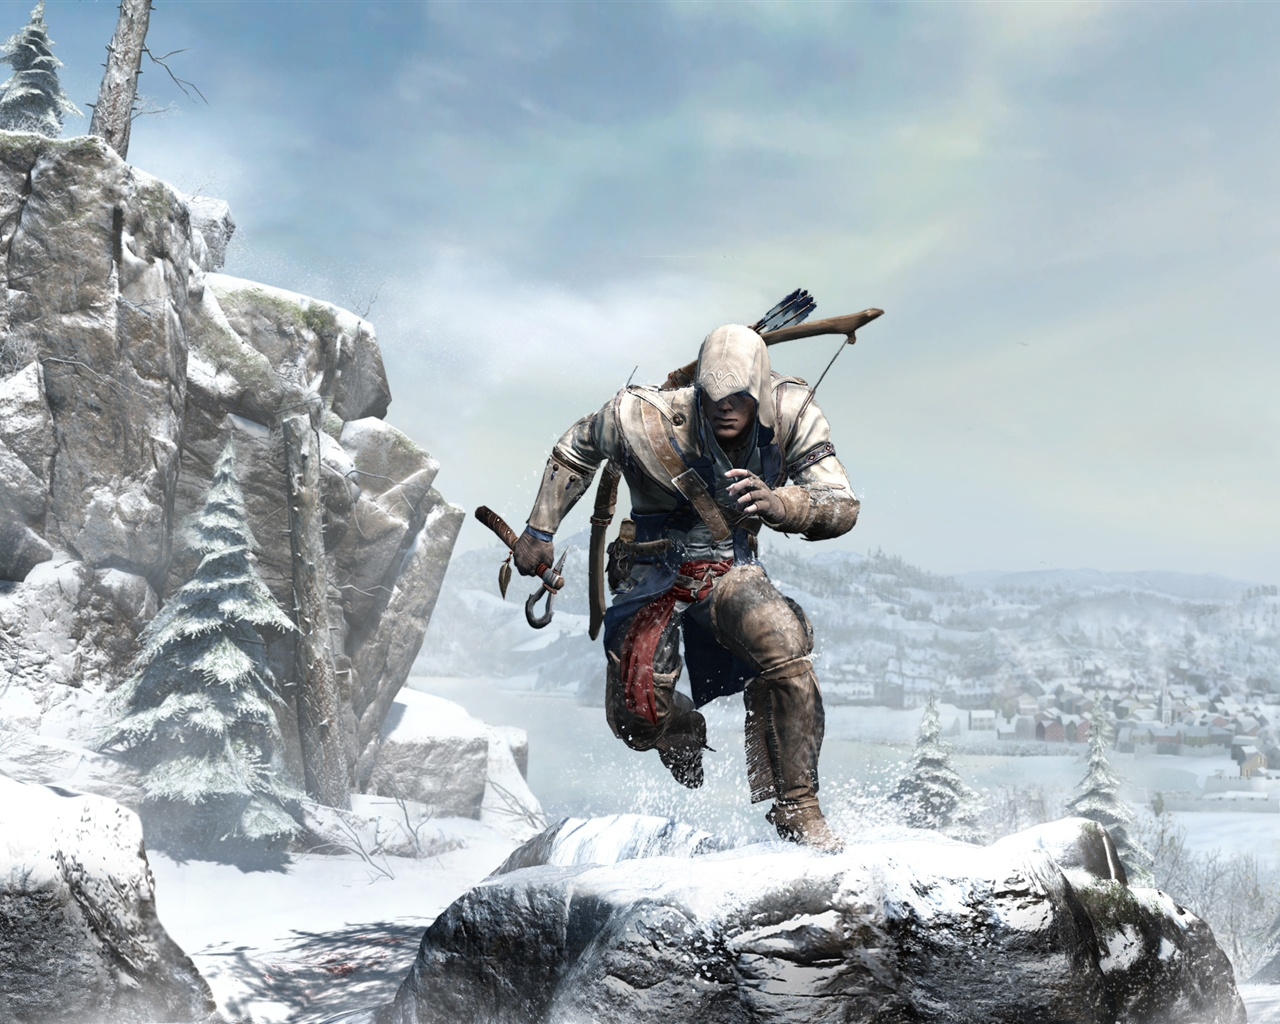 Assassins Creed 3 wide Wallpaper 1280x1024 resolution wallpaper 1280x1024